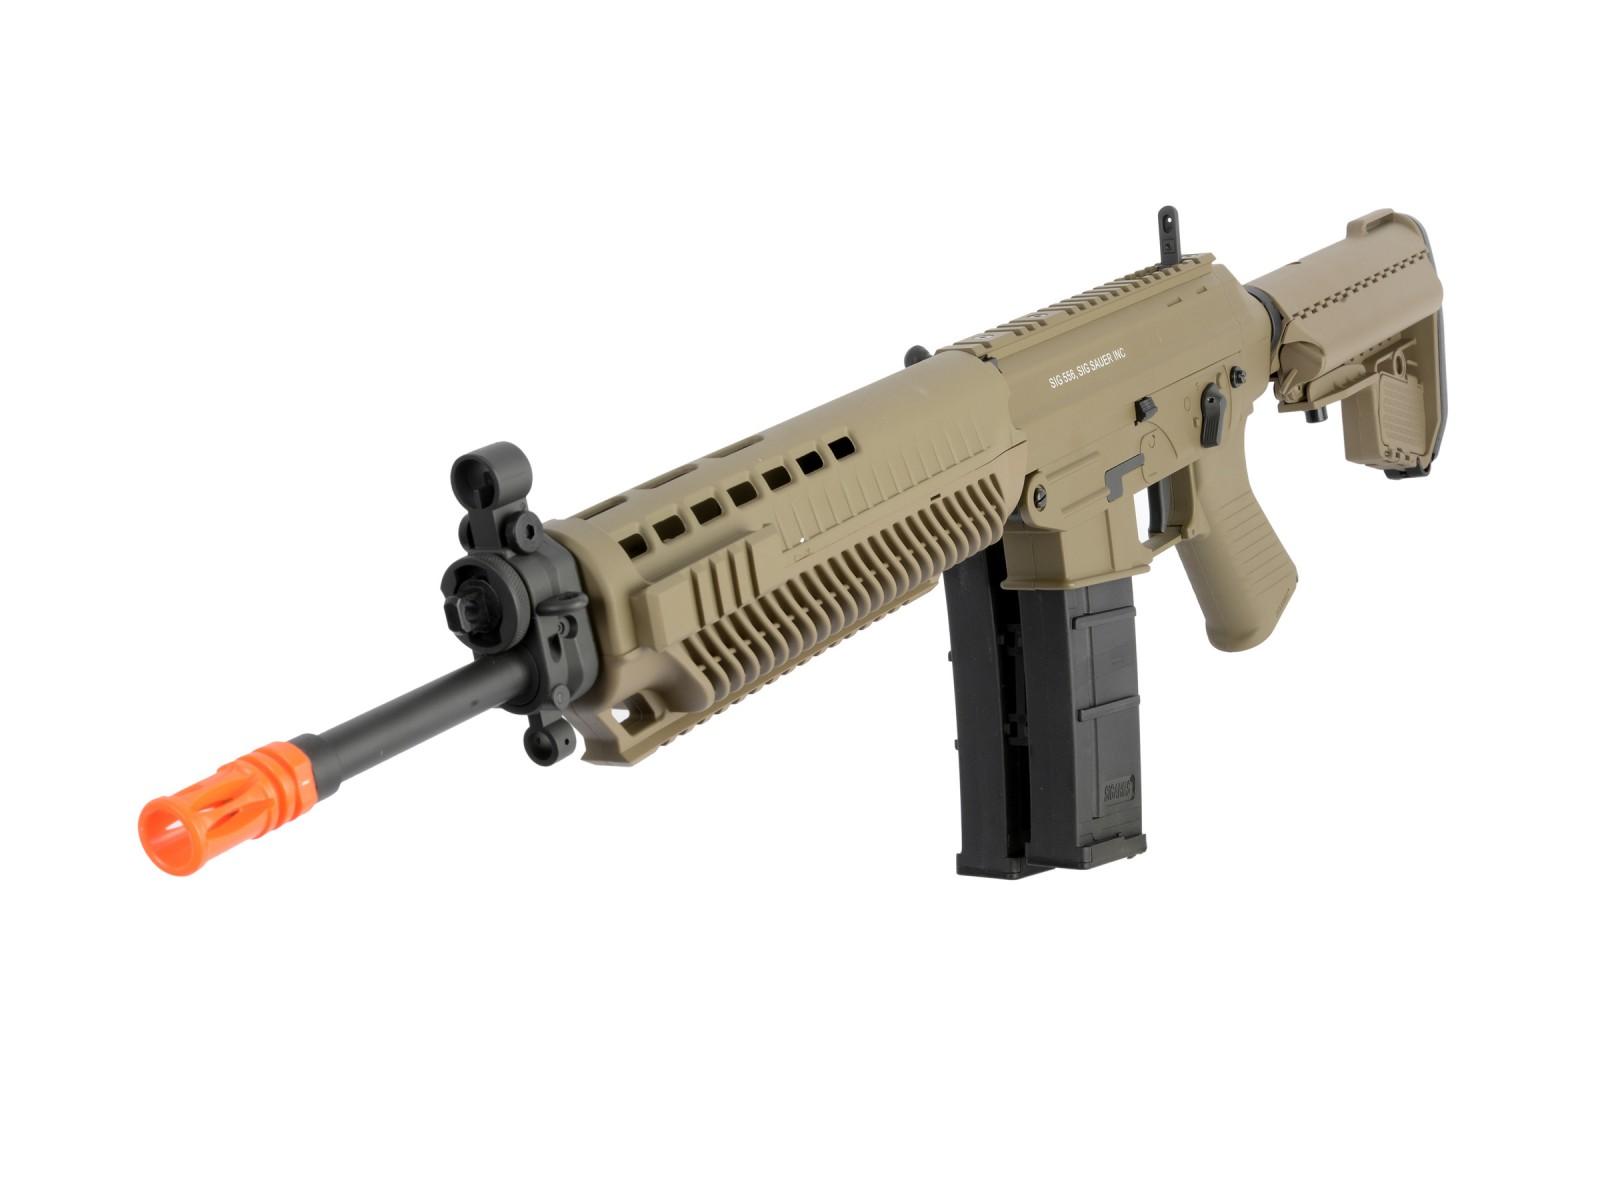 SIG Sauer Sig Sauer 556 Full Metal AEG Airsoft Rifle, Tan. Airsoft guns